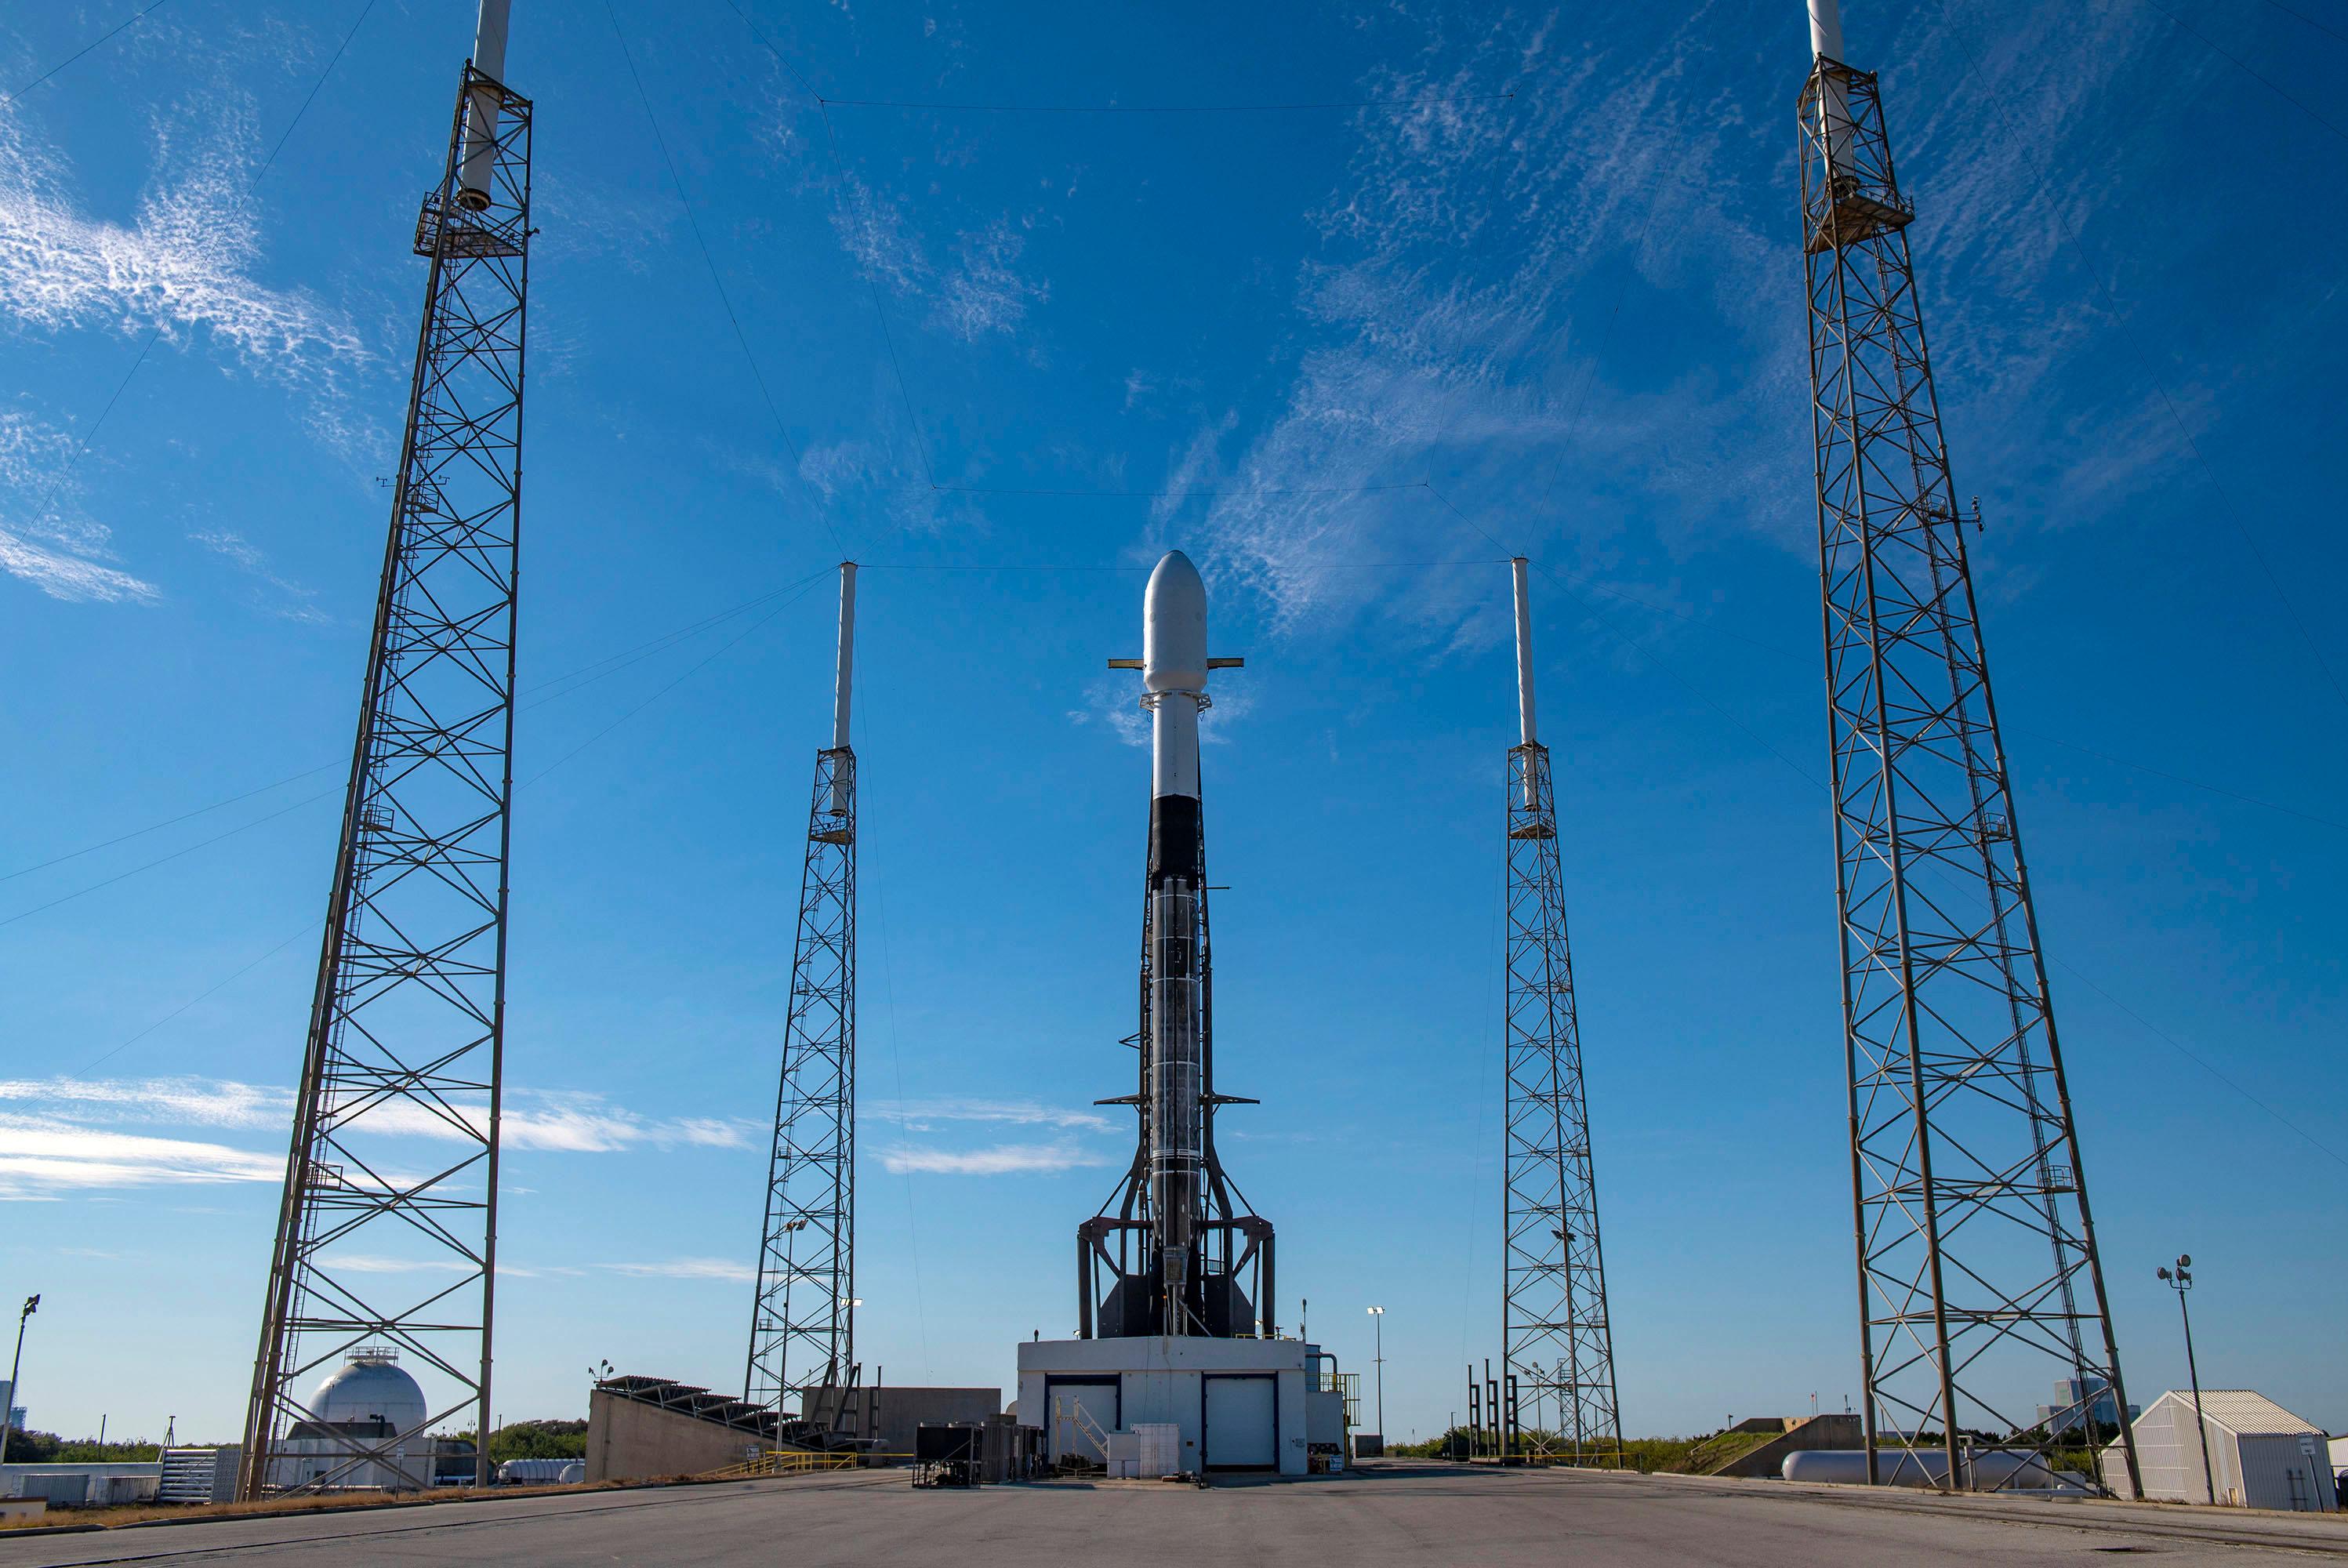 Нажмите выше, чтобы увеличить (фото — SpaceX)